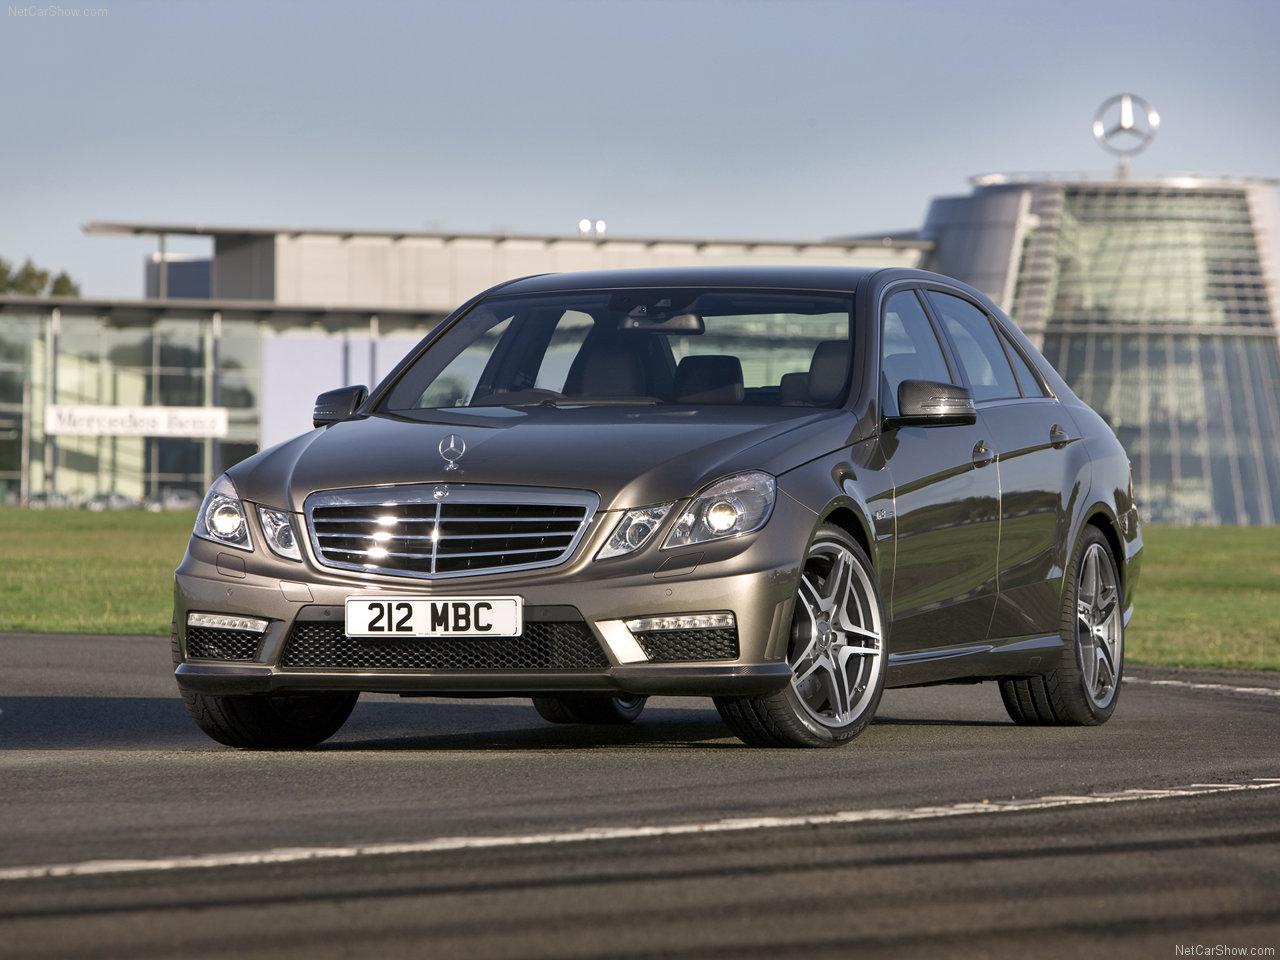 http://3.bp.blogspot.com/_3V1YR3u6VBg/SxLbeMsaZbI/AAAAAAAAATU/TzolkXC-JlI/s1600/Mercedes-Benz-E63_AMG_2010_1280x960_wallpaper_08.jpg